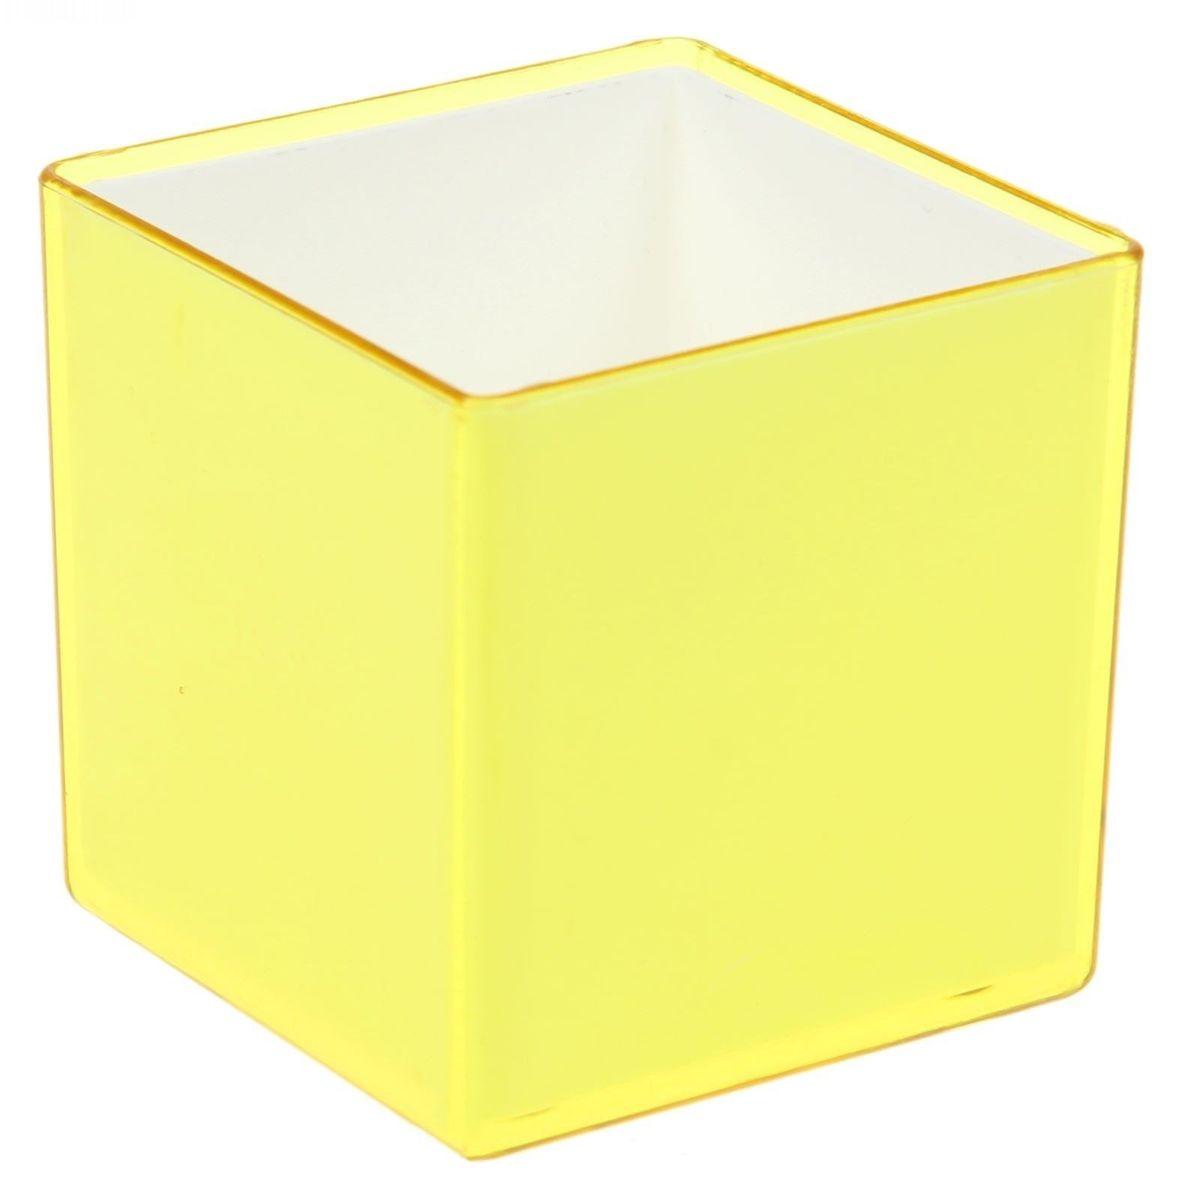 Кашпо JetPlast Мини куб, на магните, цвет: желтый, 6 x 6 x 6 см531-326Кашпо JetPlast Мини куб предназначено для украшения любого интерьера. Благодаря магнитной ленте, входящей в комплект, вы можете разместить его не только на подоконнике, столе или иной поверхности, а также на холодильнике и любой другой металлической поверхности, дополняя привычные вещи новыми дизайнерскими решениями. Кашпо можно использовать не только под цветы, но и как подставку для ручек, карандашей и прочих канцелярских мелочей.Размеры кашпо: 6 х 6 х 6 см.